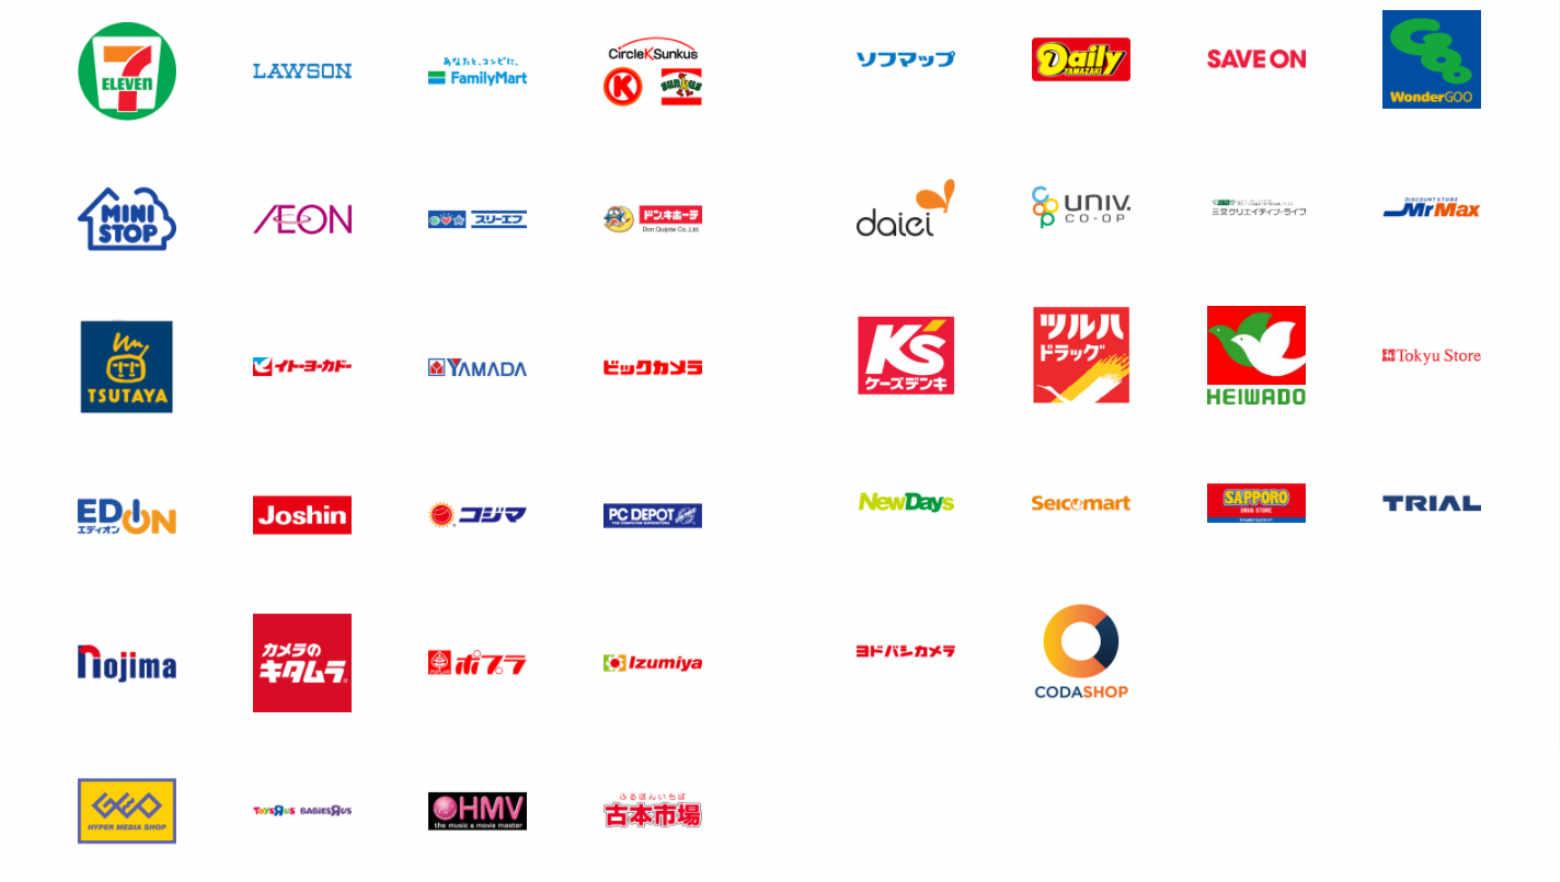 Googleプレイカードの購入店舗一覧